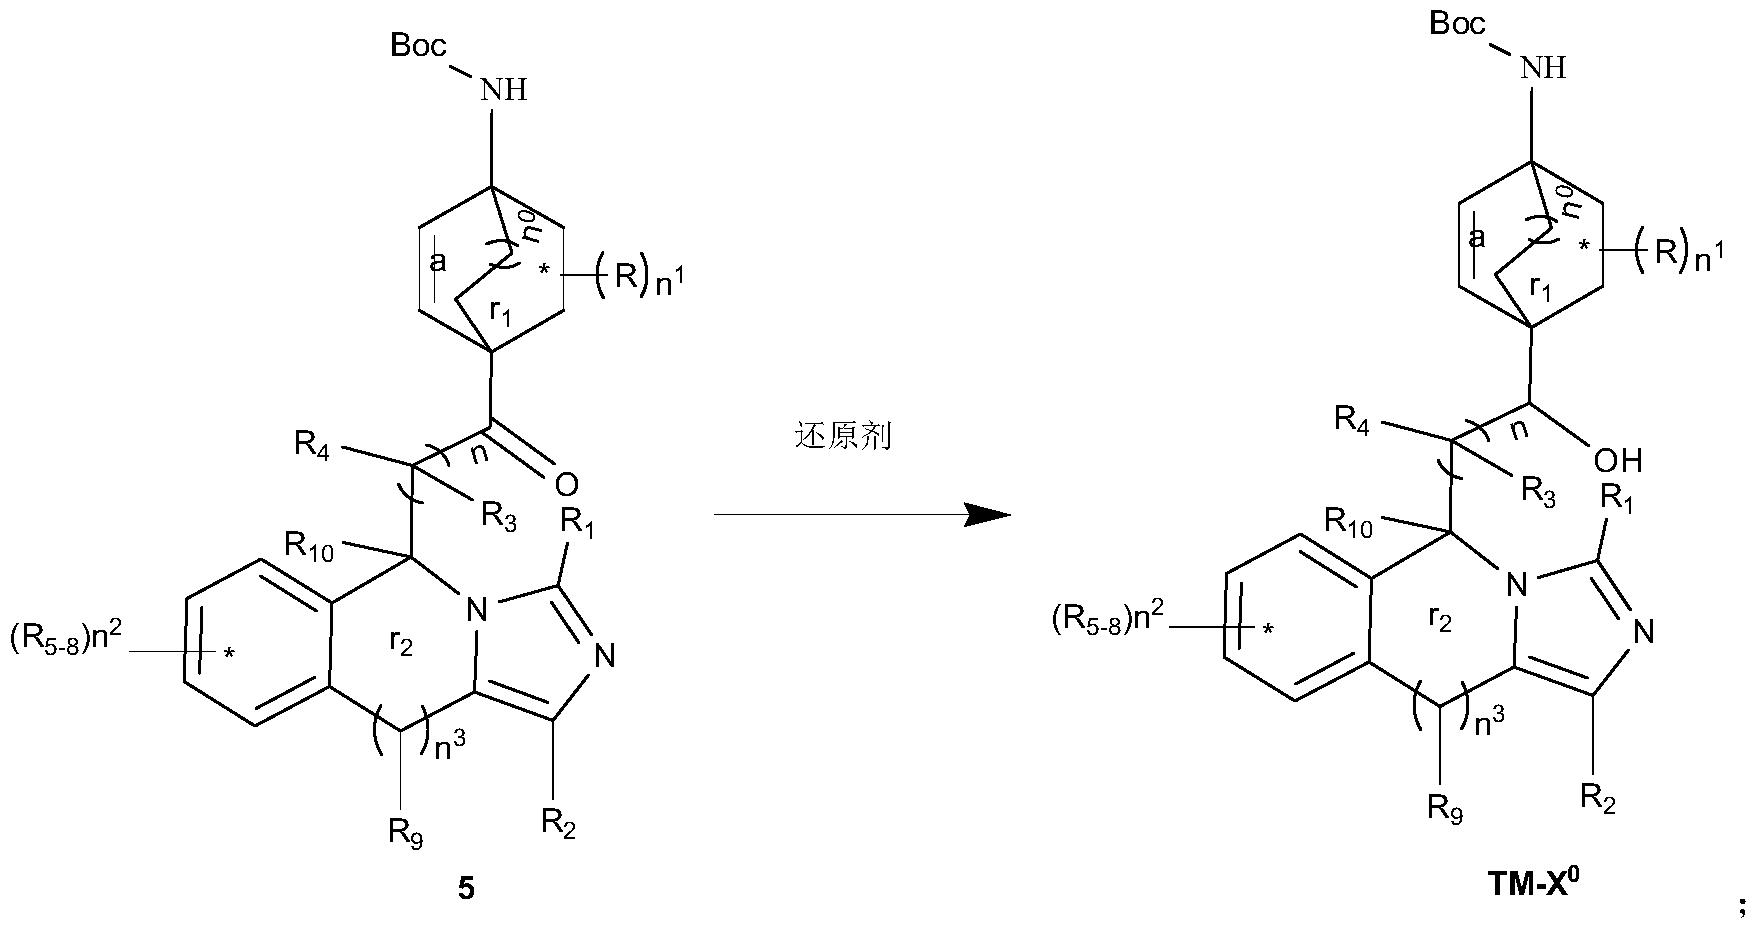 Figure PCTCN2017084604-appb-000060